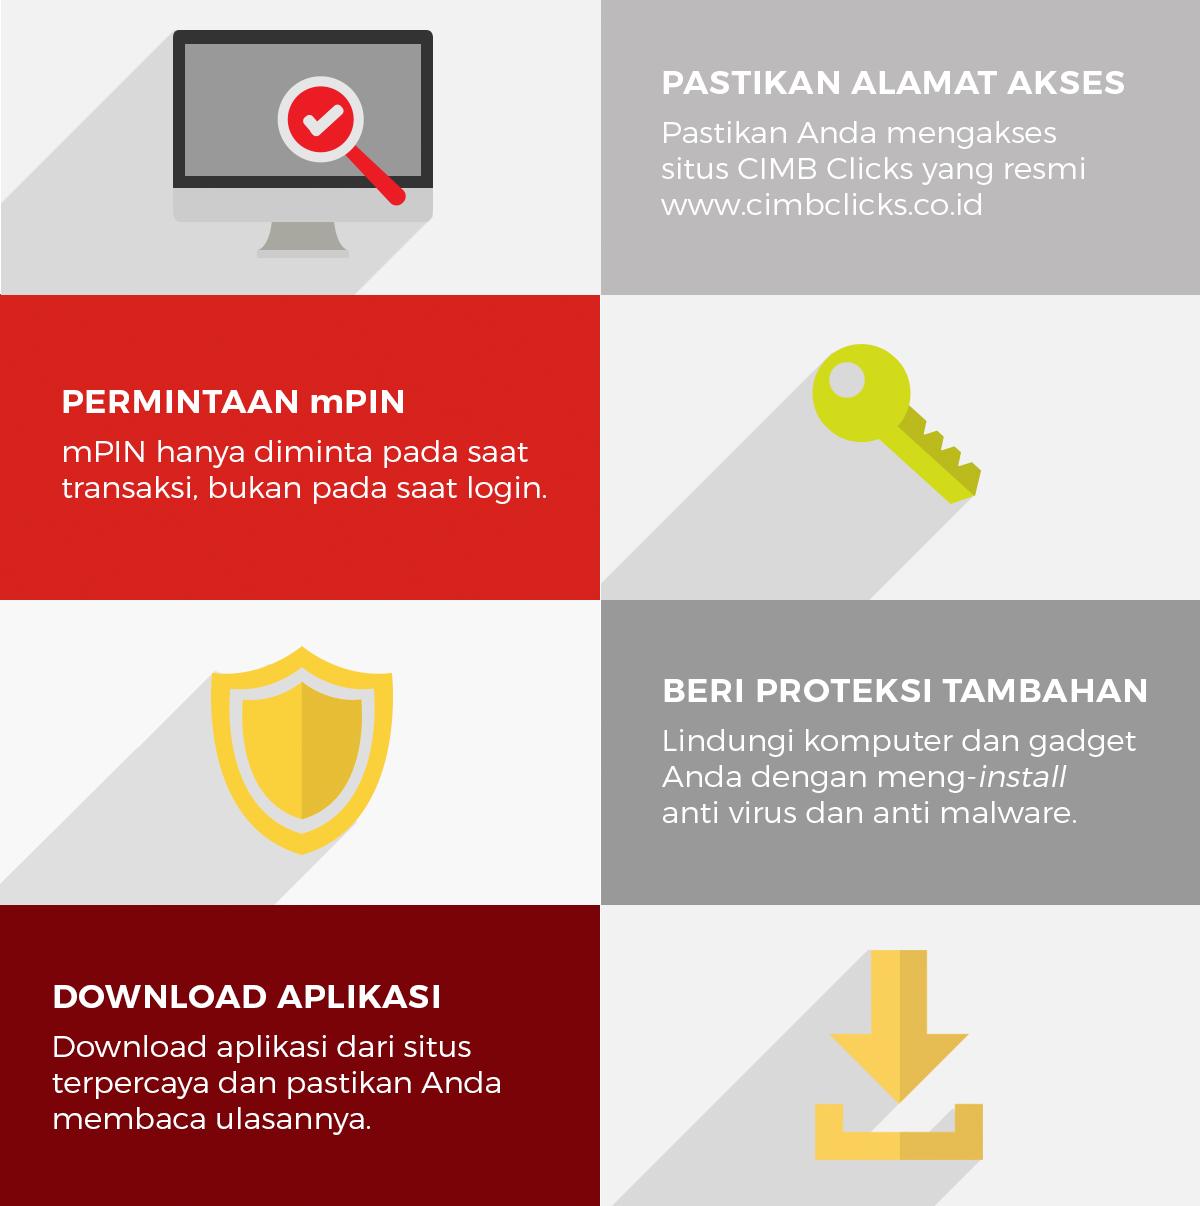 Cara Bertransaksi Dengan Aman Di CIMB Click November 2015